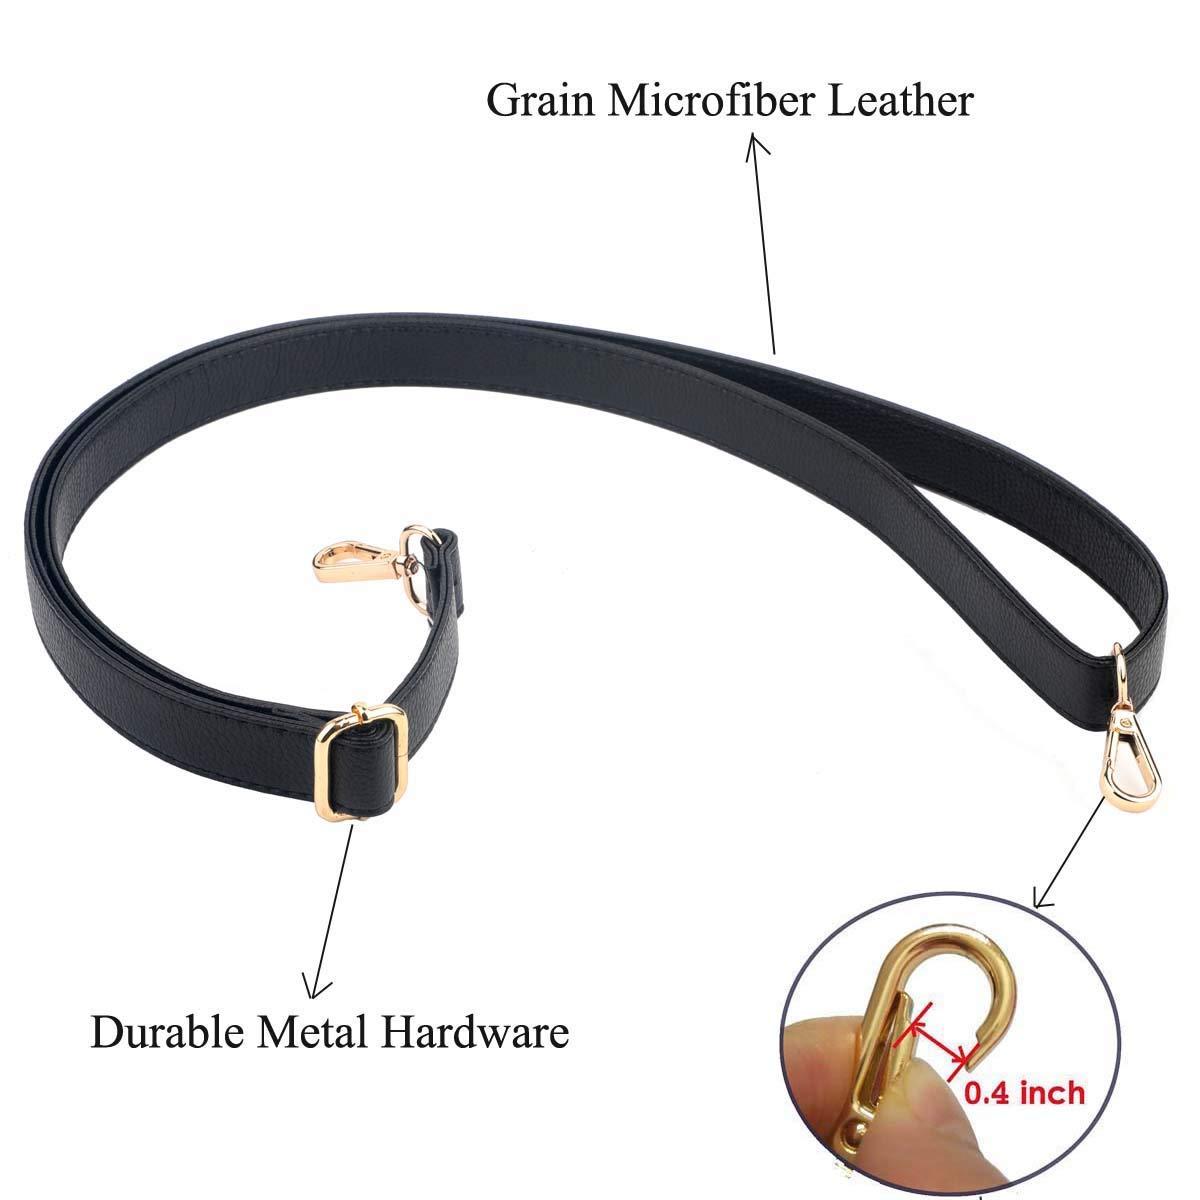 Correa de hombro ajustable de piel de repuesto con ganchos giratorios de metal para bolso bandolera o bolso bandolera 1,5 cm de ancho